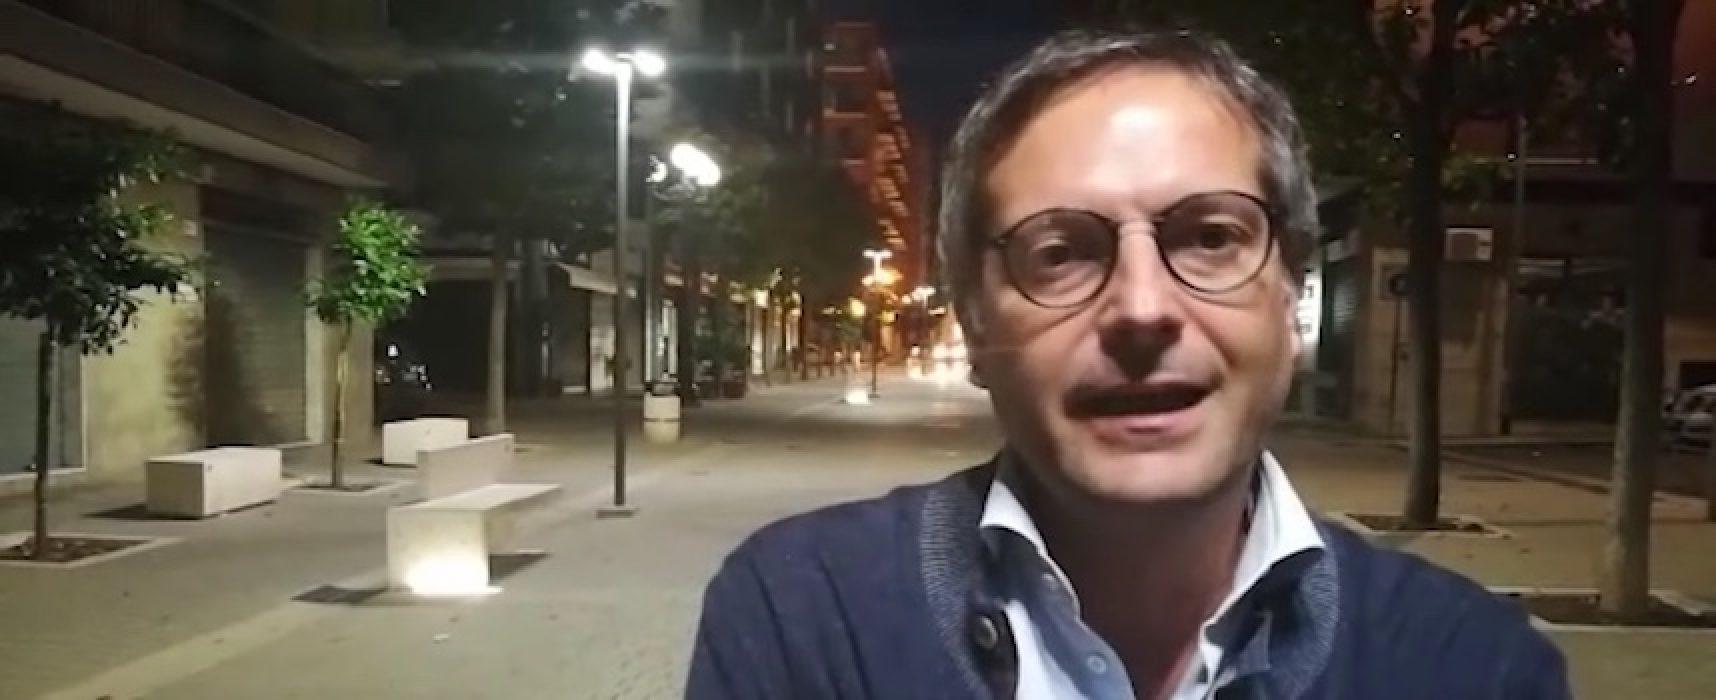 """Angarano: """"L'entusiasmo di queste settimane lo abbiamo ritrovato nelle urne"""" / VIDEO INTERVISTA"""